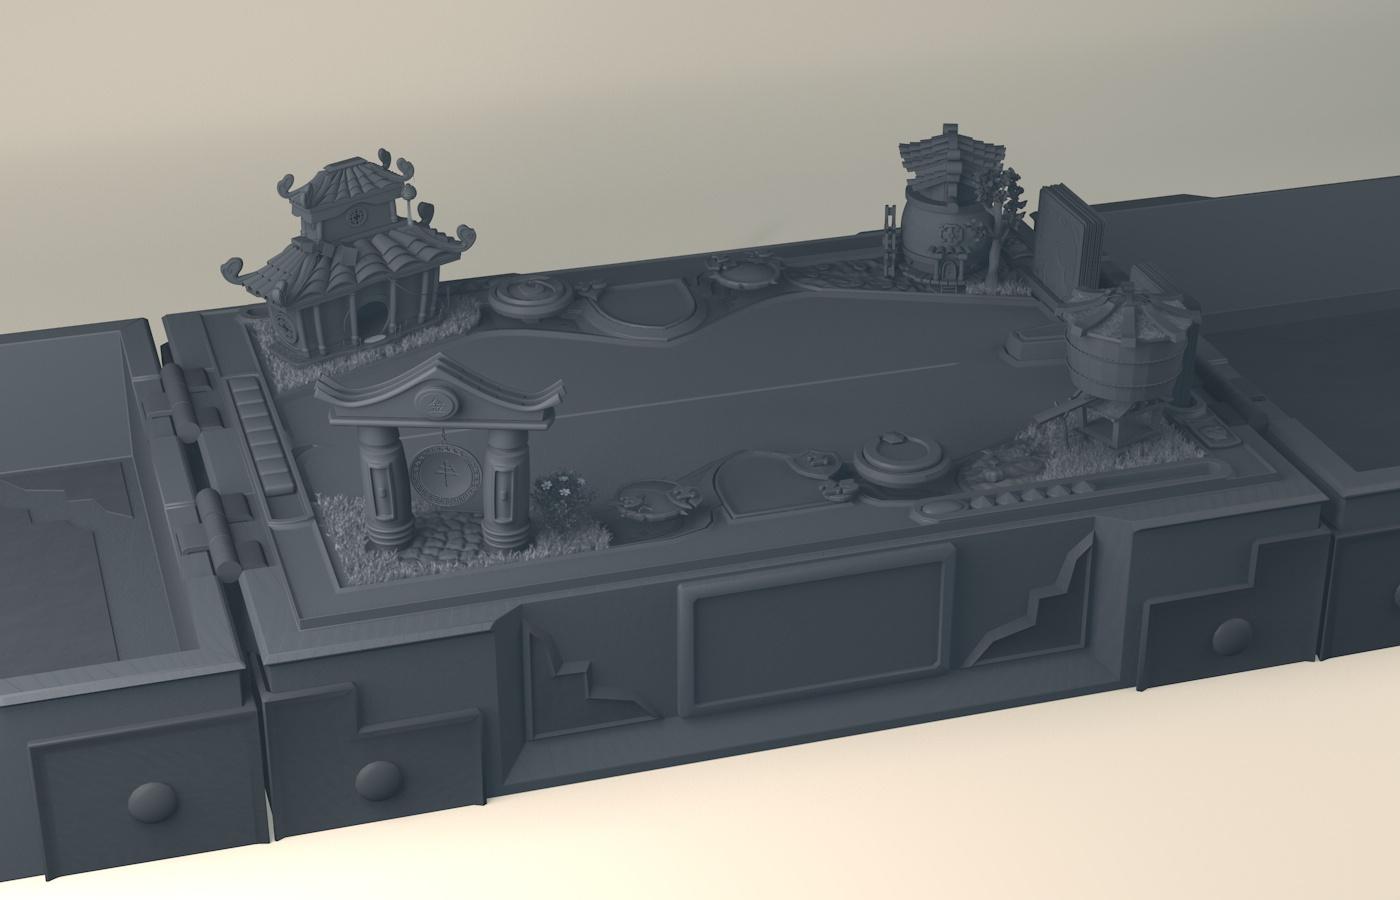 Hearthstone_14 | Houdini technical artist / 3D modeller